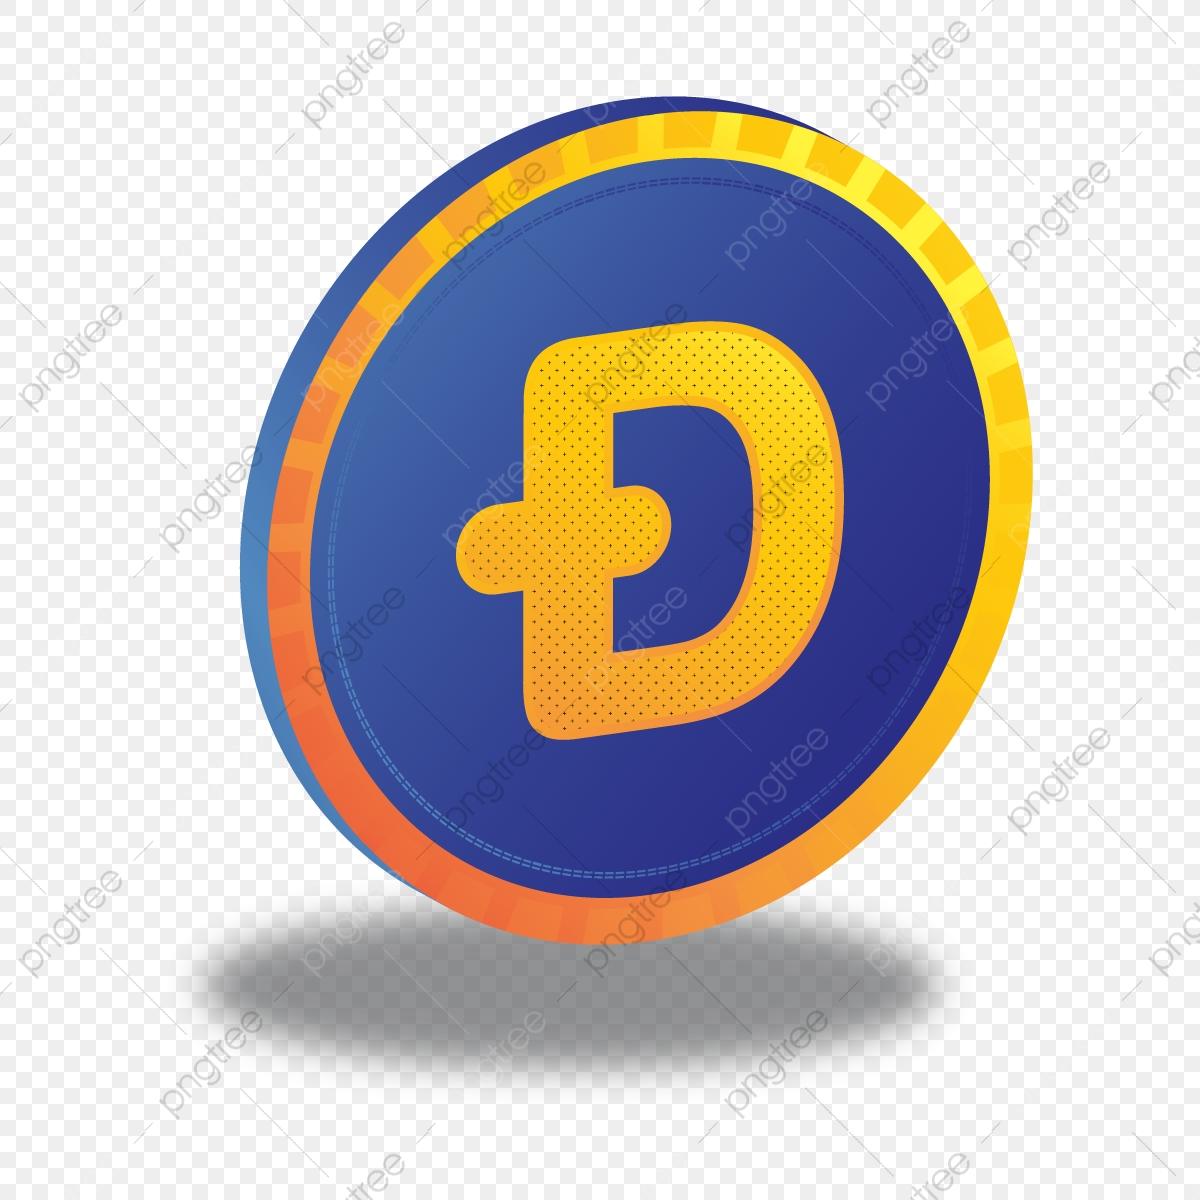 Wird Doumecoin jemals so gro wie Bitcoin